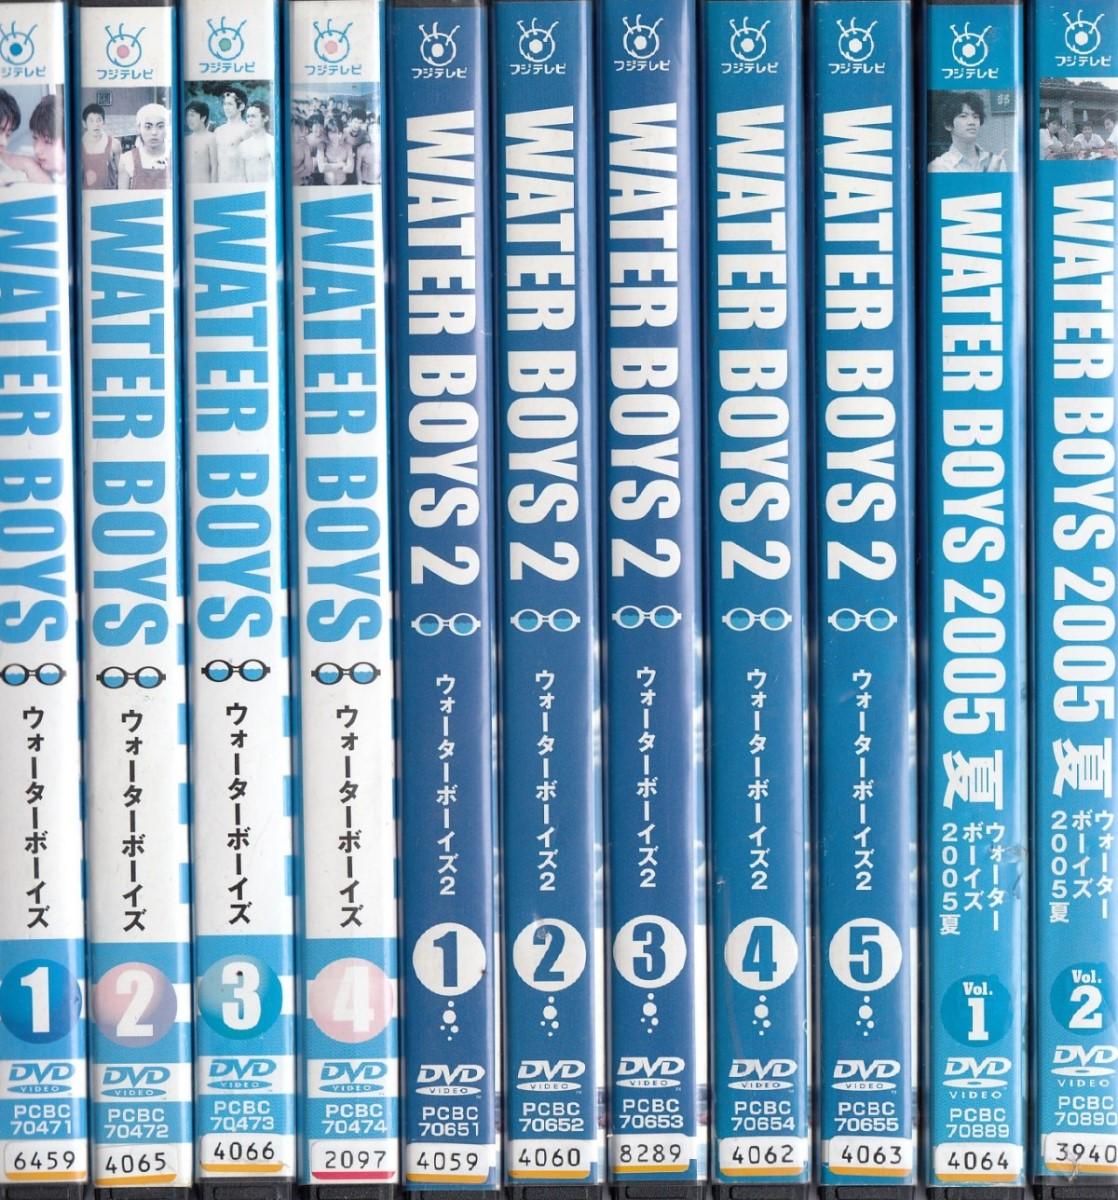 ウォーターボーイズ TV版1 全4巻+TV版2 全5巻 +2005夏 全2巻11枚セット【中古DVD/レンタル落ち/送料無料】